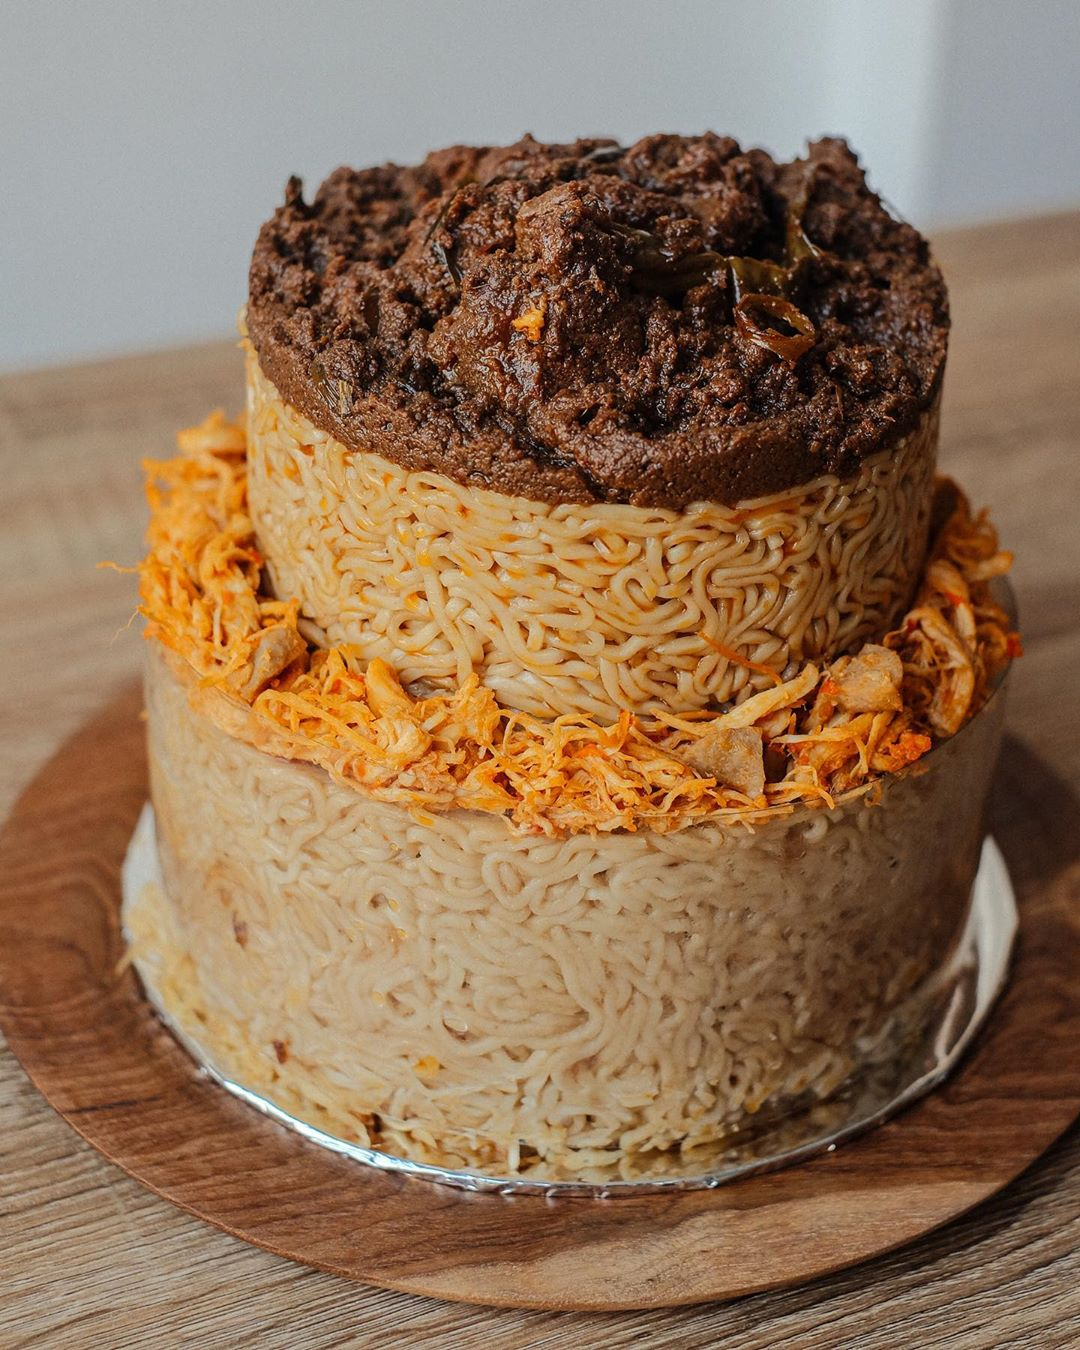 印尼蛋糕店用「泡麵取代蛋糕」長相超獵奇 詭異口感衝擊味蕾!